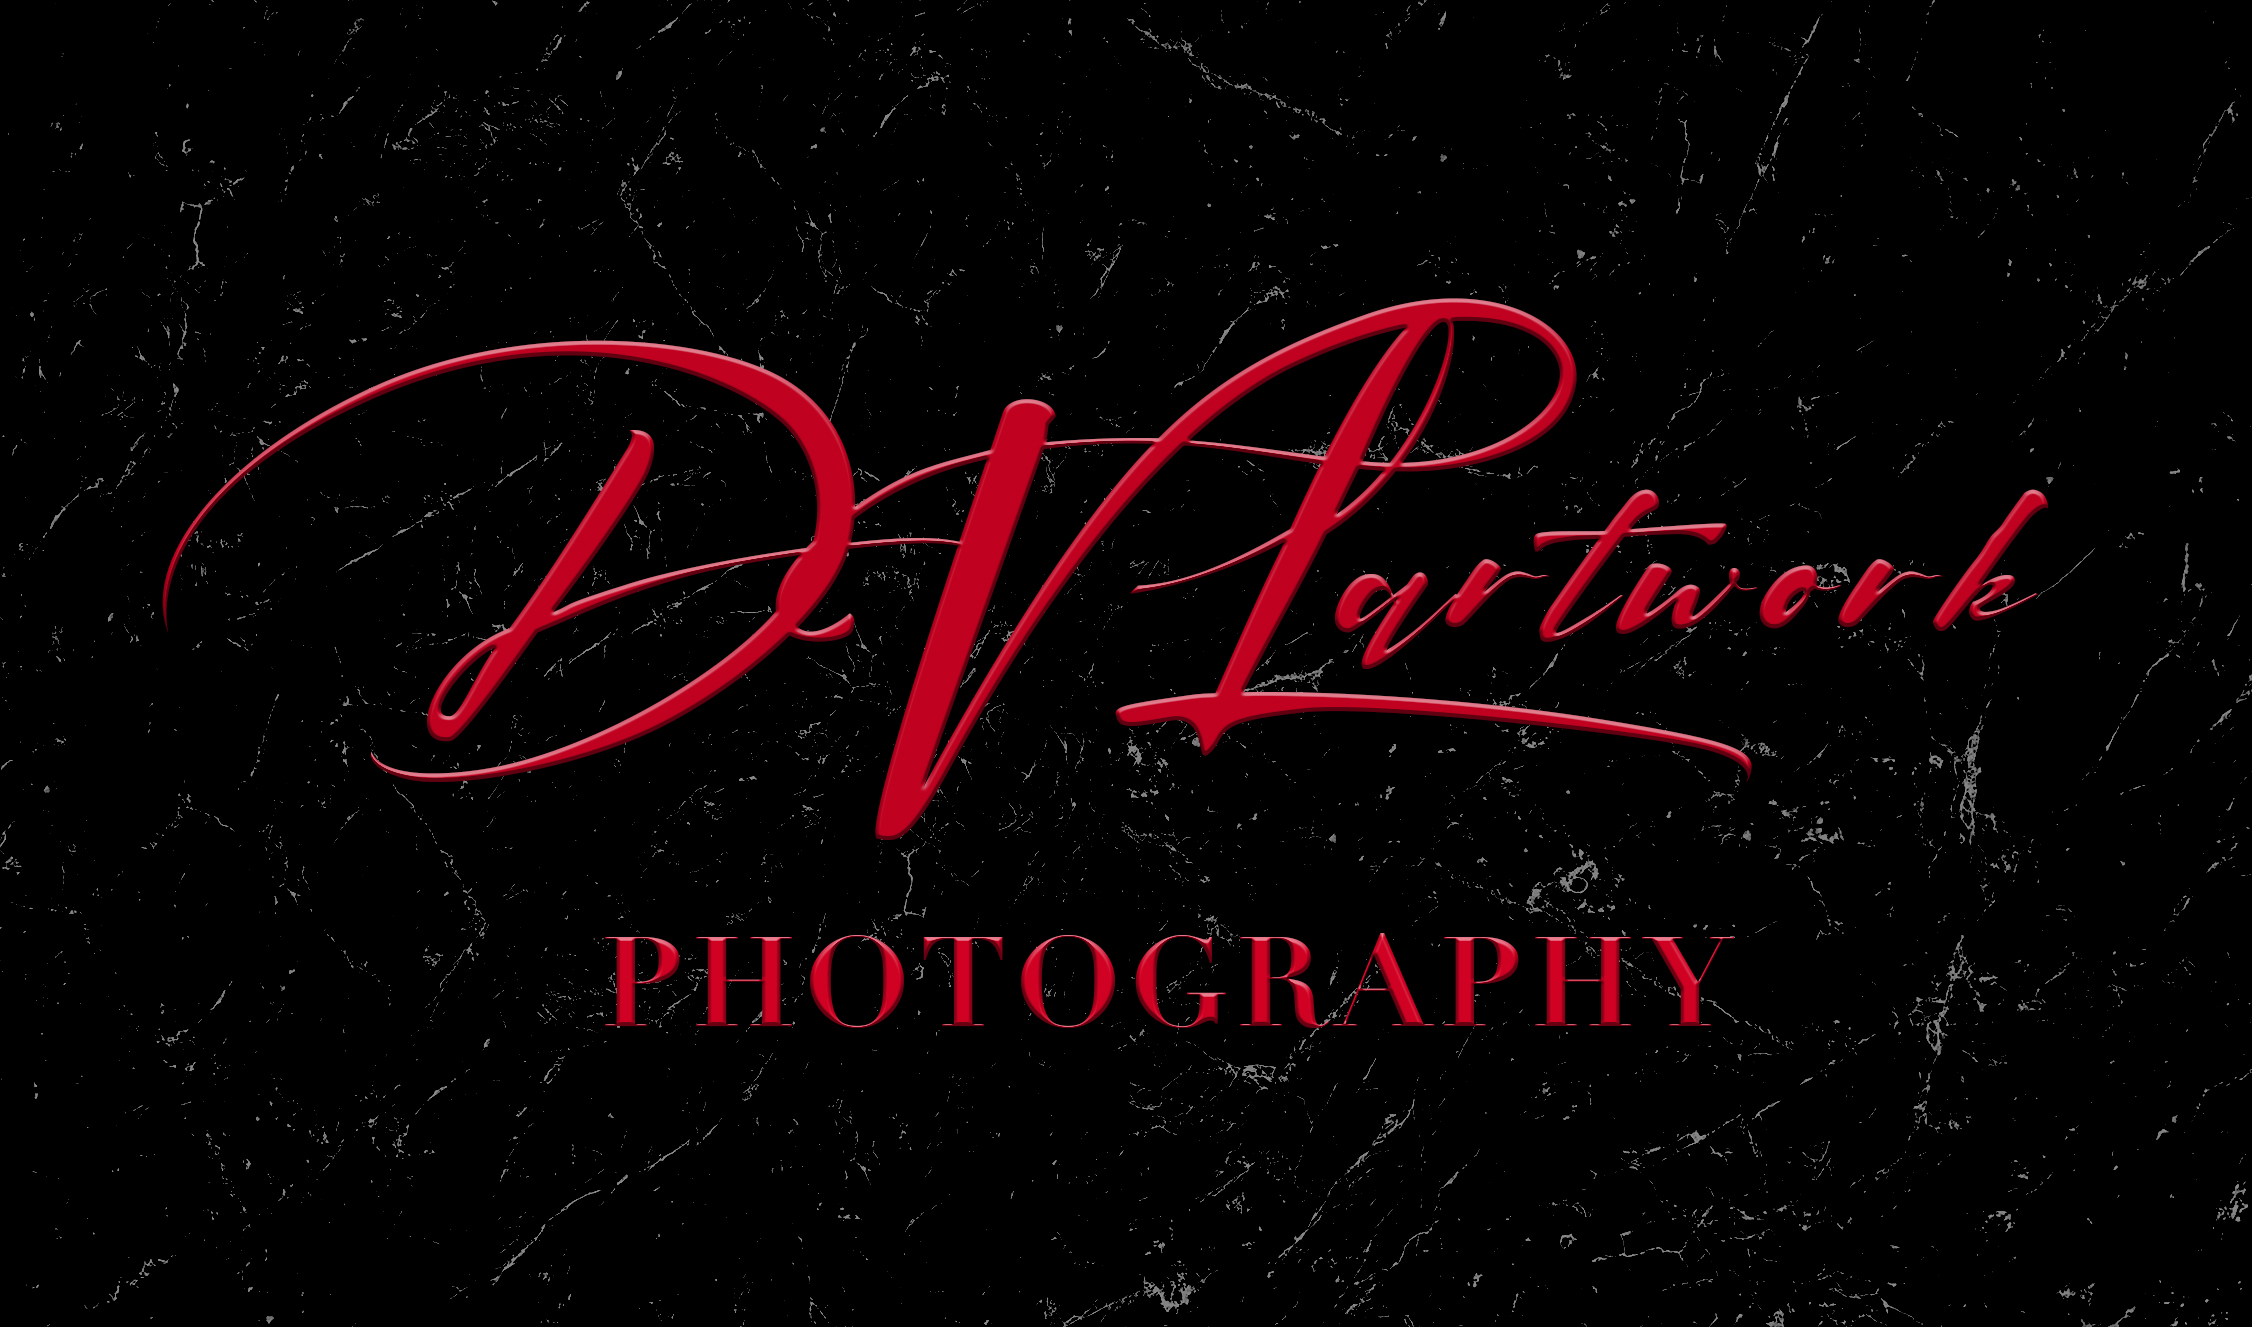 DVLartwork9-2.jpg